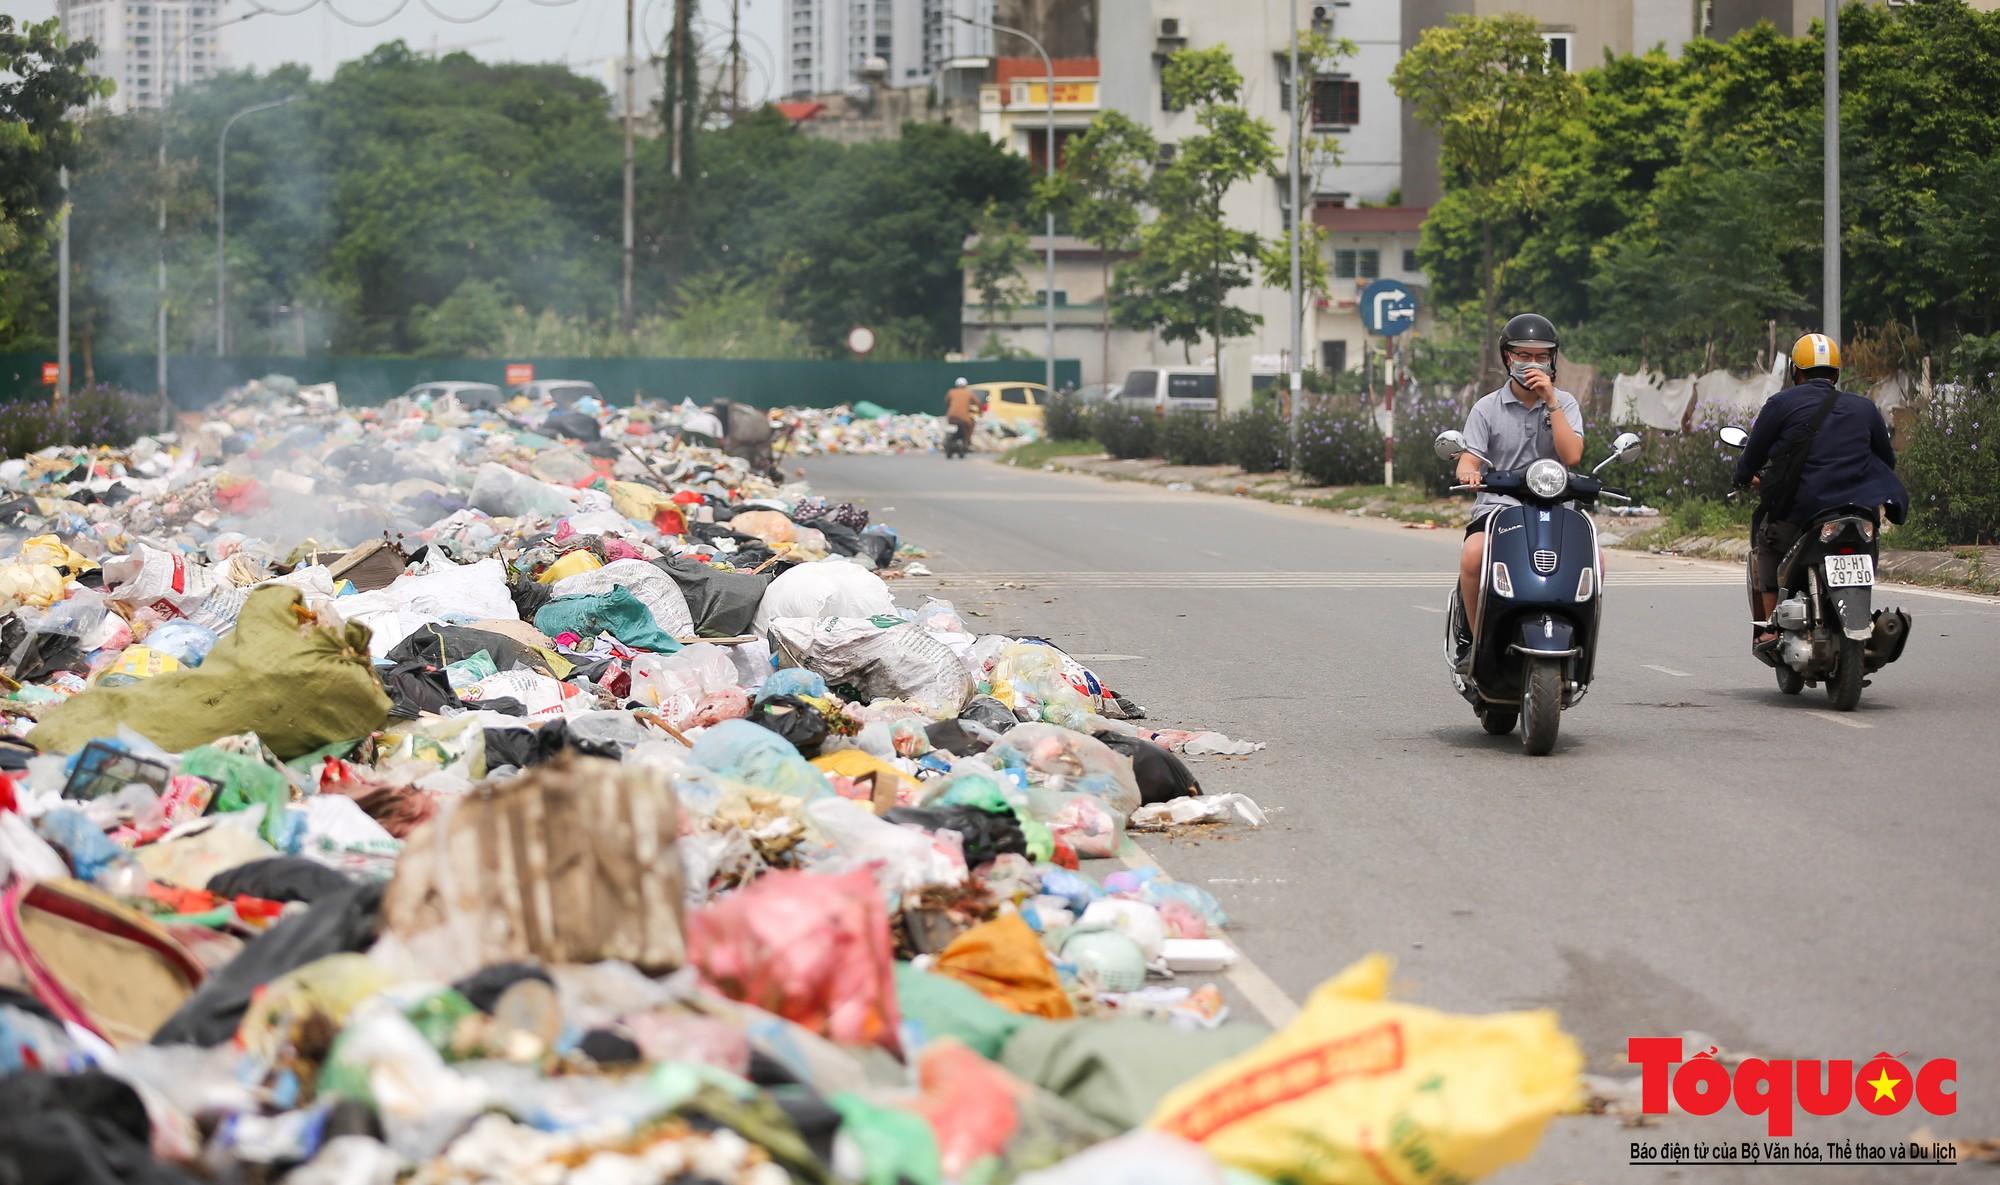 Hà Nội Ngỡ ngàng sau một đêm 4 chiếc ô tô chìm trong bãi rác (20)